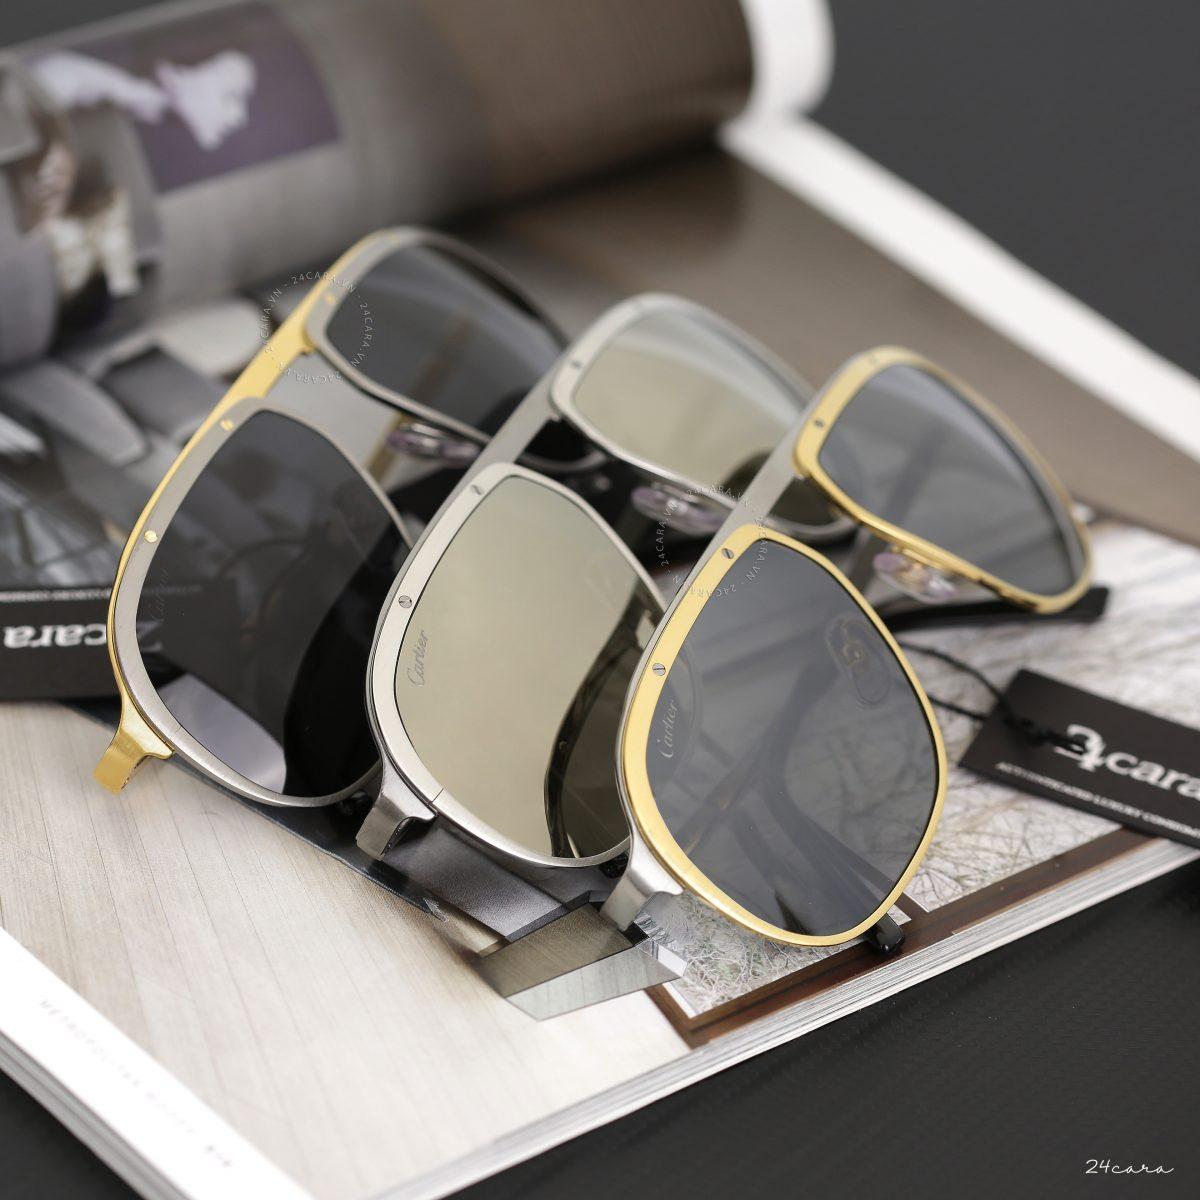 """Cùng ngắm """"nhan sắc"""" của hai mẫu kính Santos de Cartier hot nhất hiện nay"""